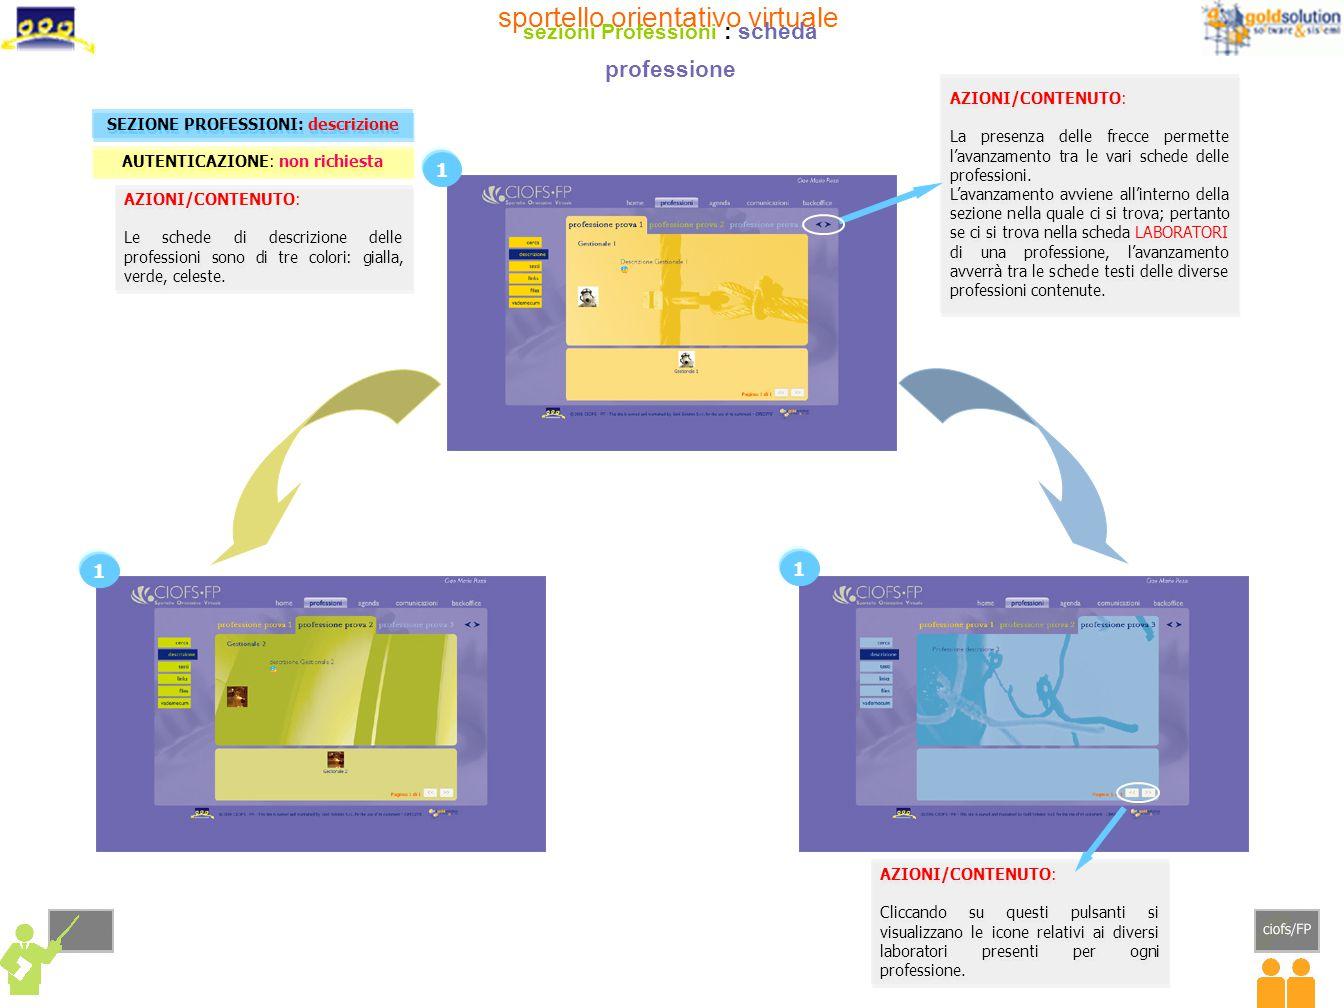 AZIONI/CONTENUTO: Le schede di descrizione delle professioni sono di tre colori: gialla, verde, celeste. AZIONI/CONTENUTO: Le schede di descrizione de